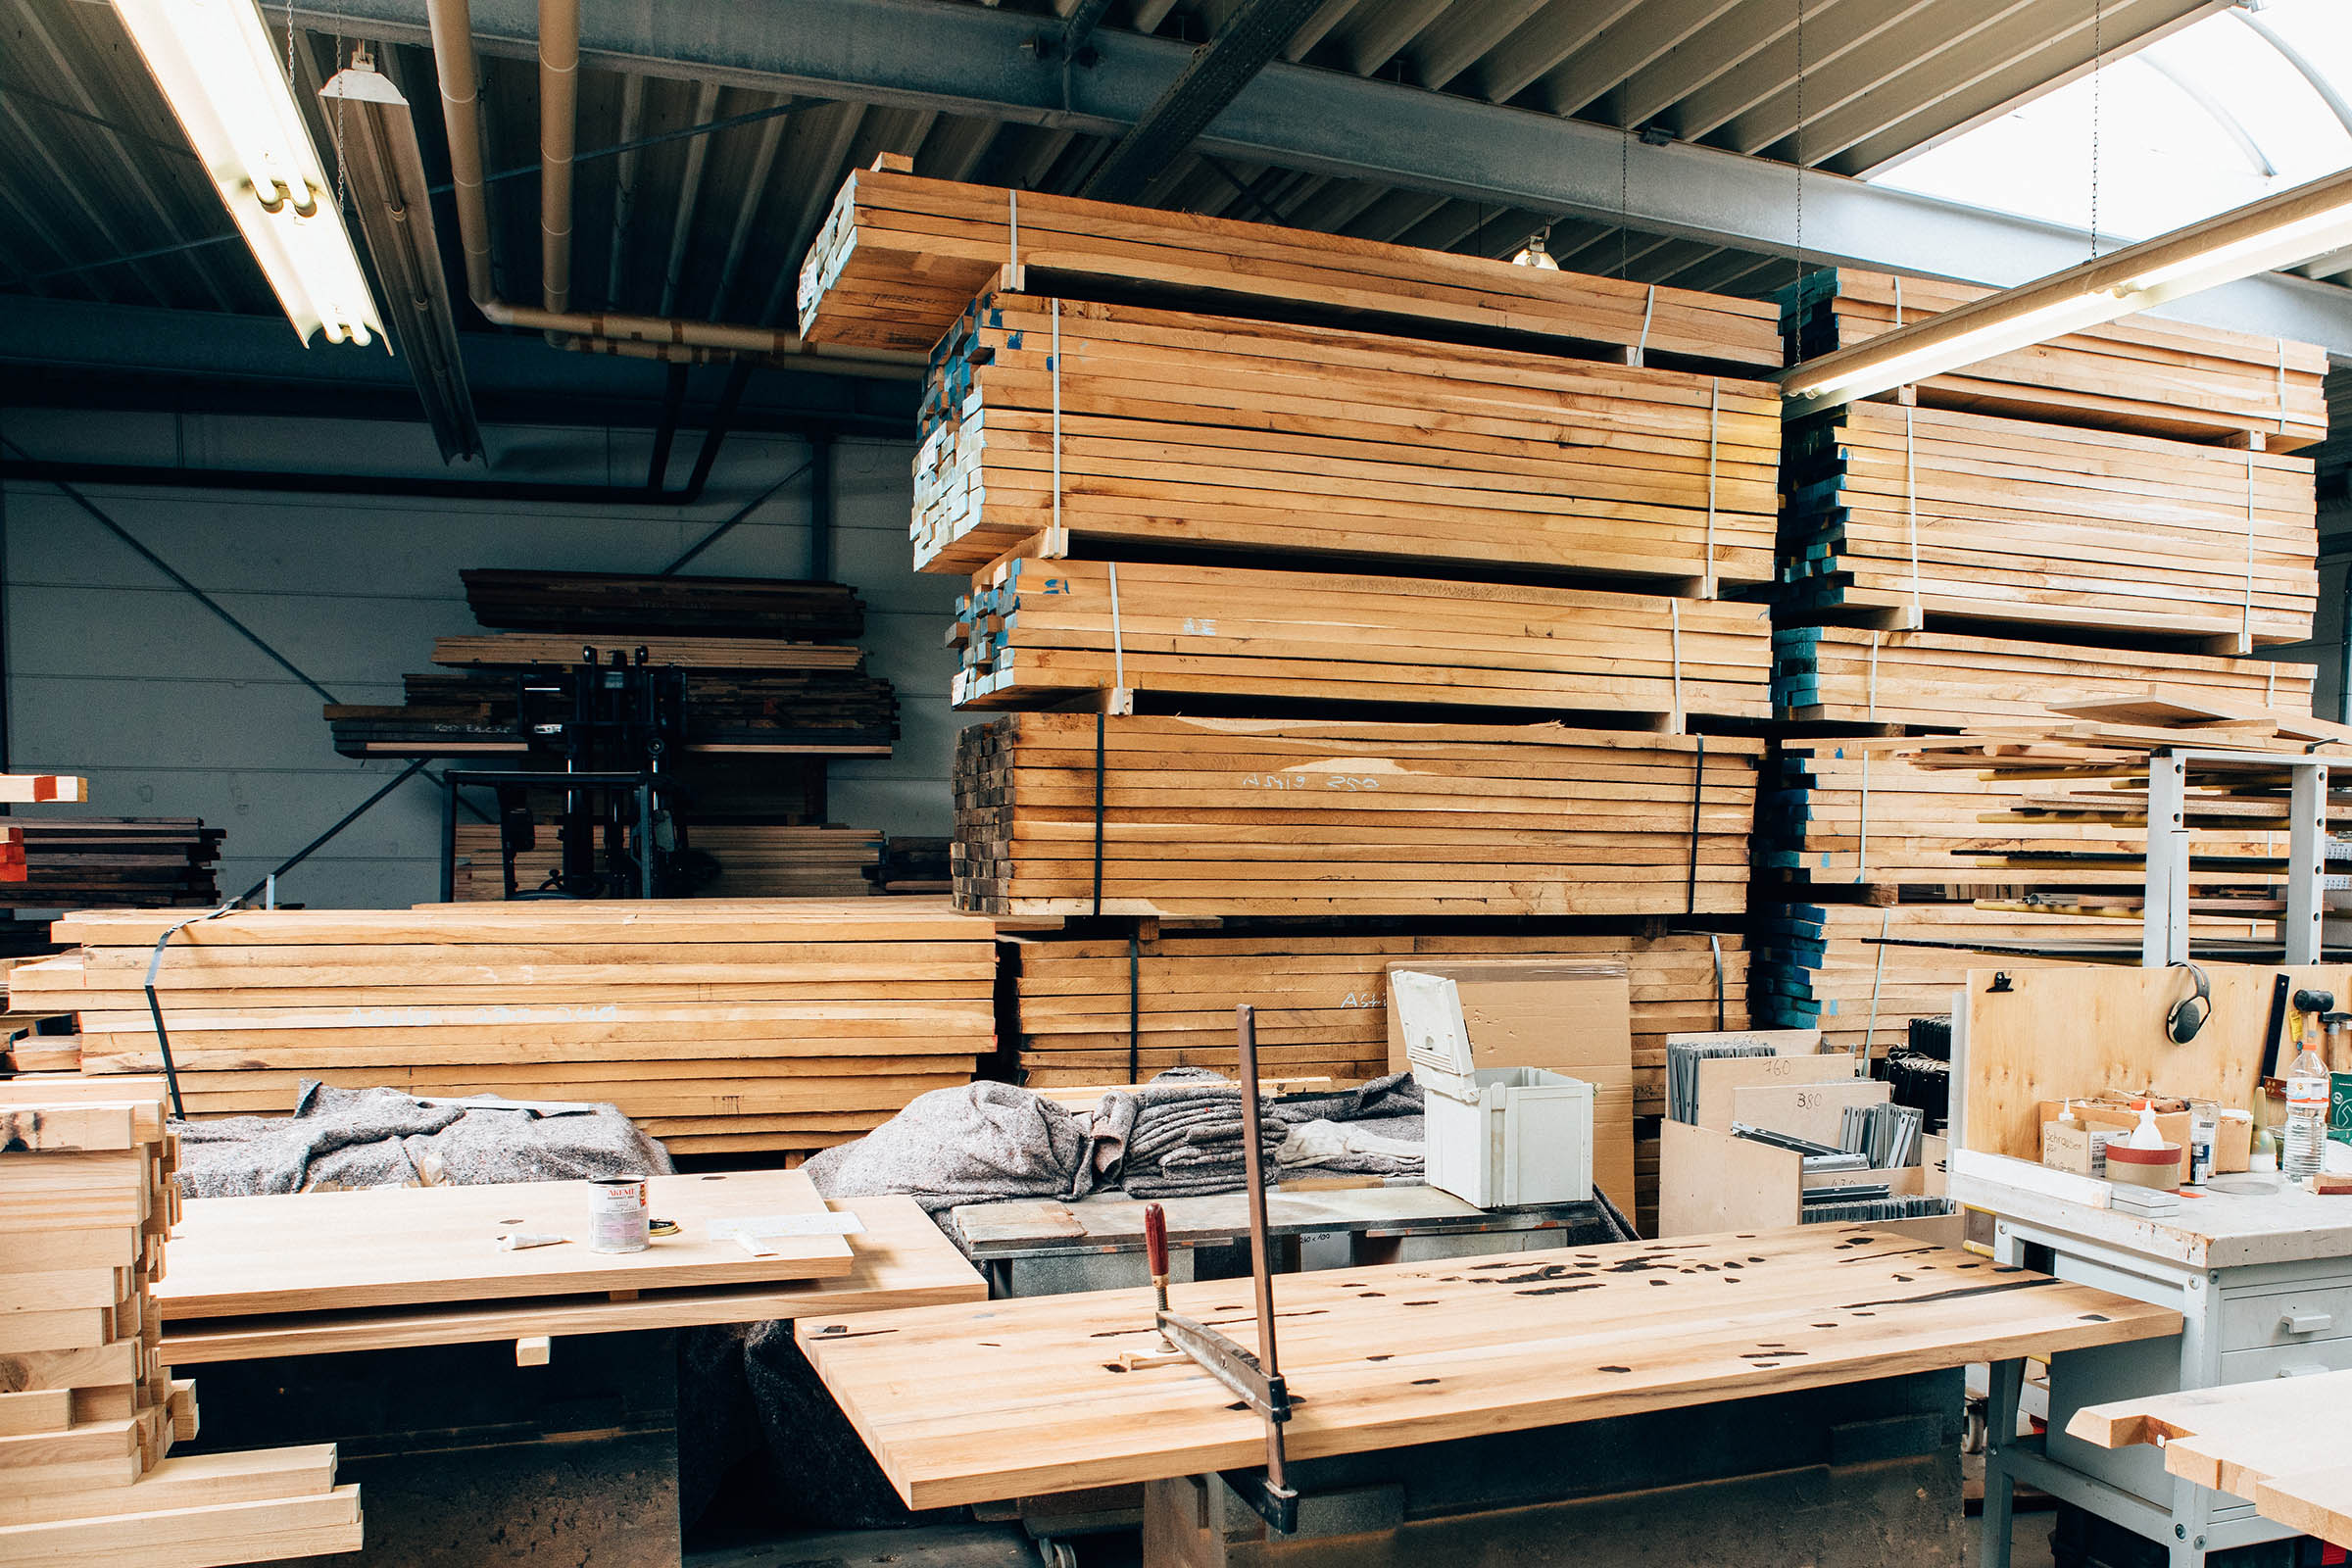 Holzlager in der MBzwo Werkstatt